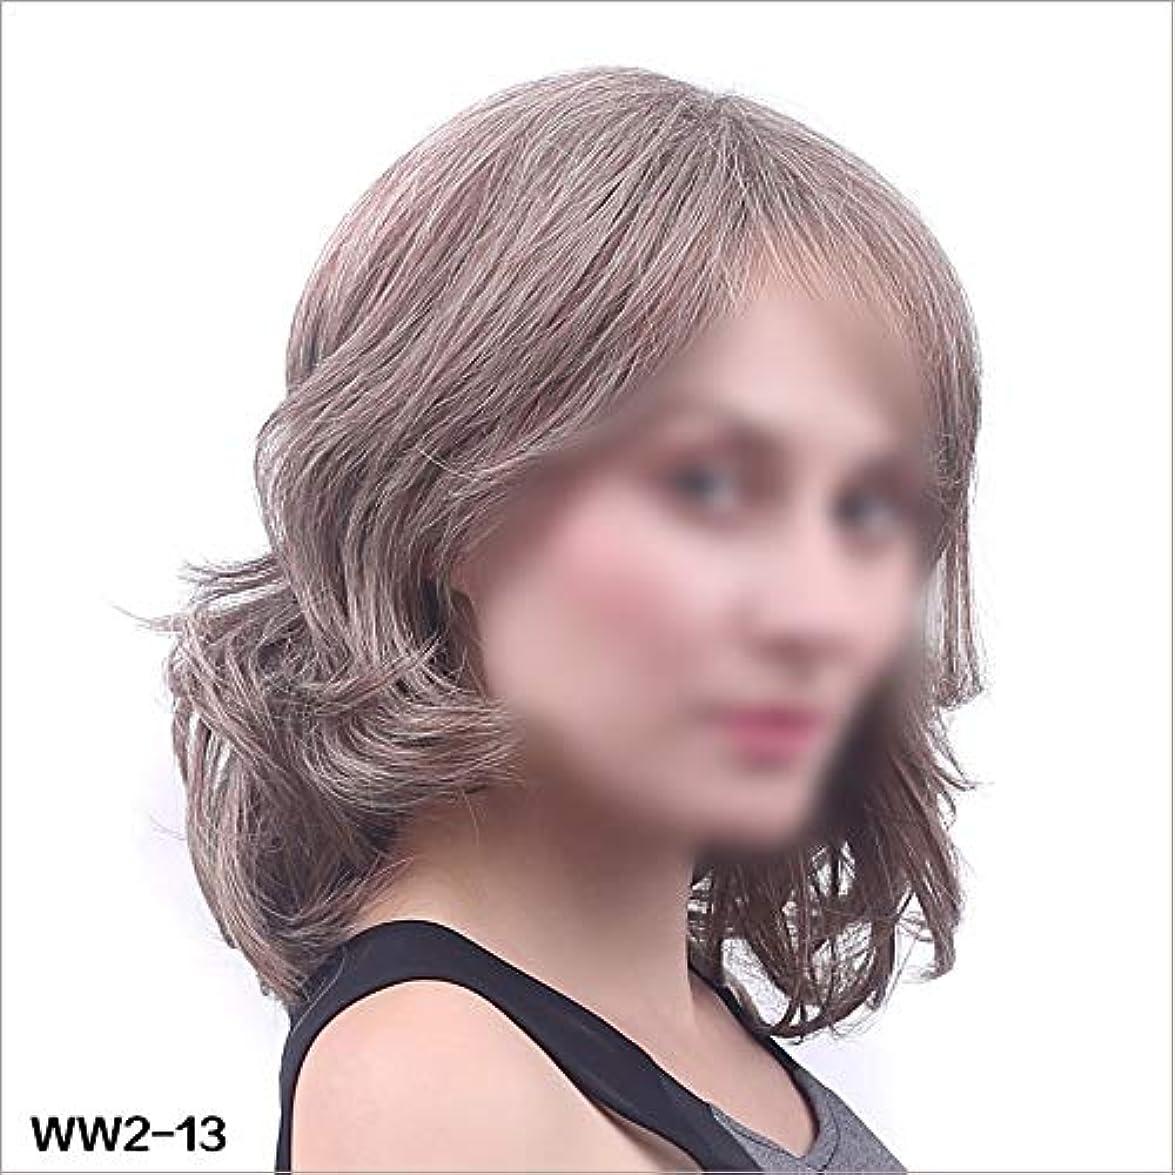 適応的大西洋束ねるYOUQIU 新人気女子ショートウィッグ全波状カーリーヘアグレーレディースウィッグウィッグ (色 : Photo color, サイズ : 45cm)